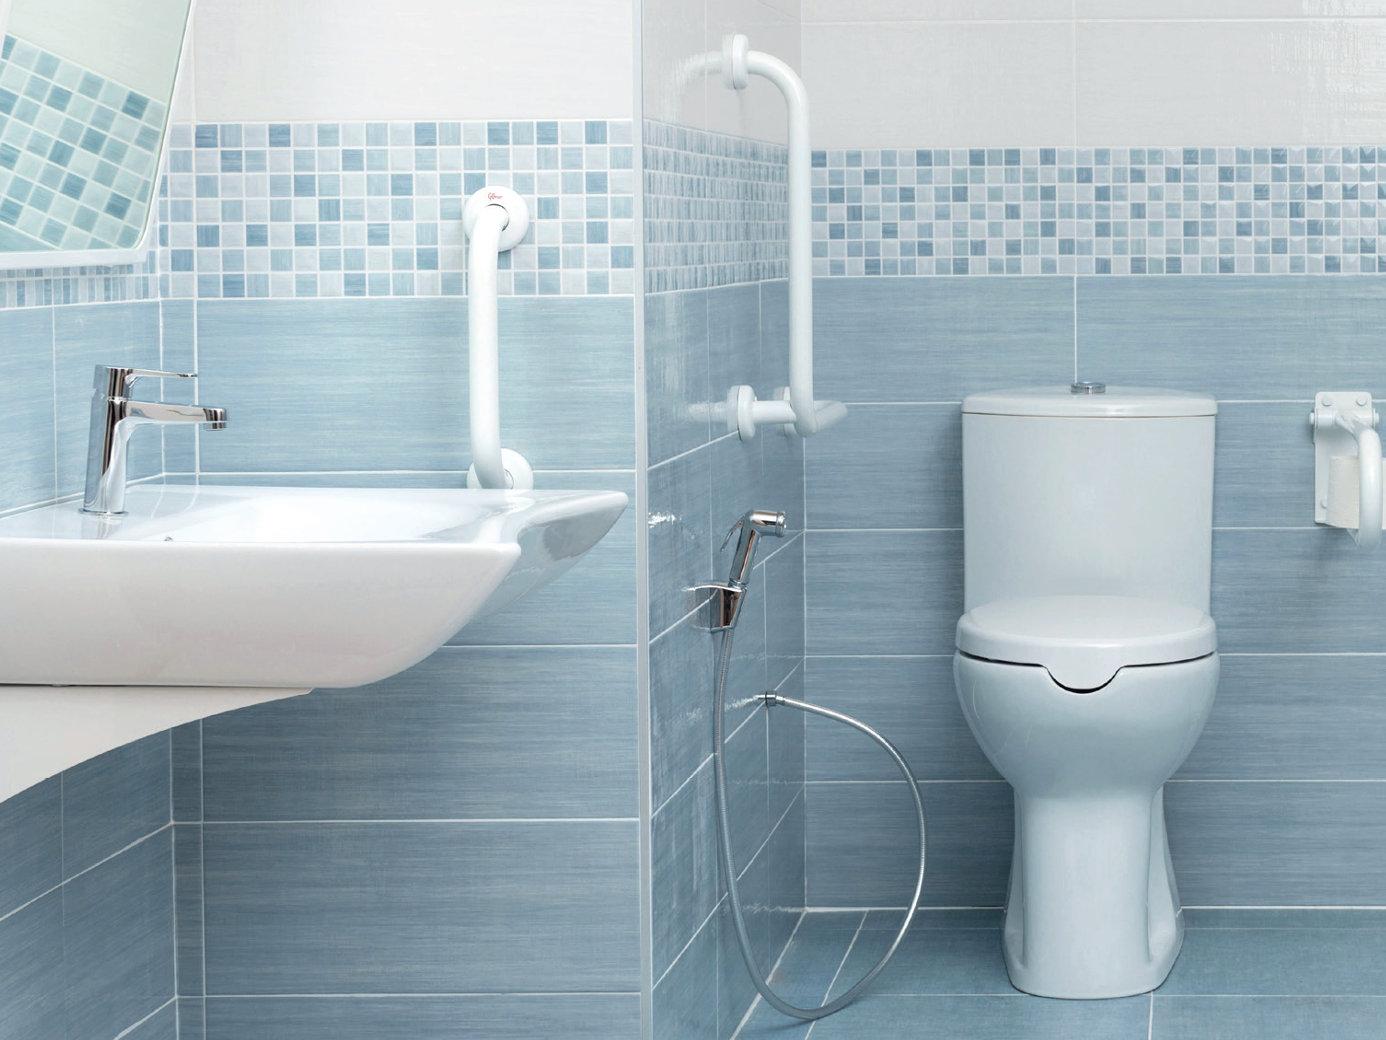 BAGNI DISABILI  ANZIANI  Bagno per disabili